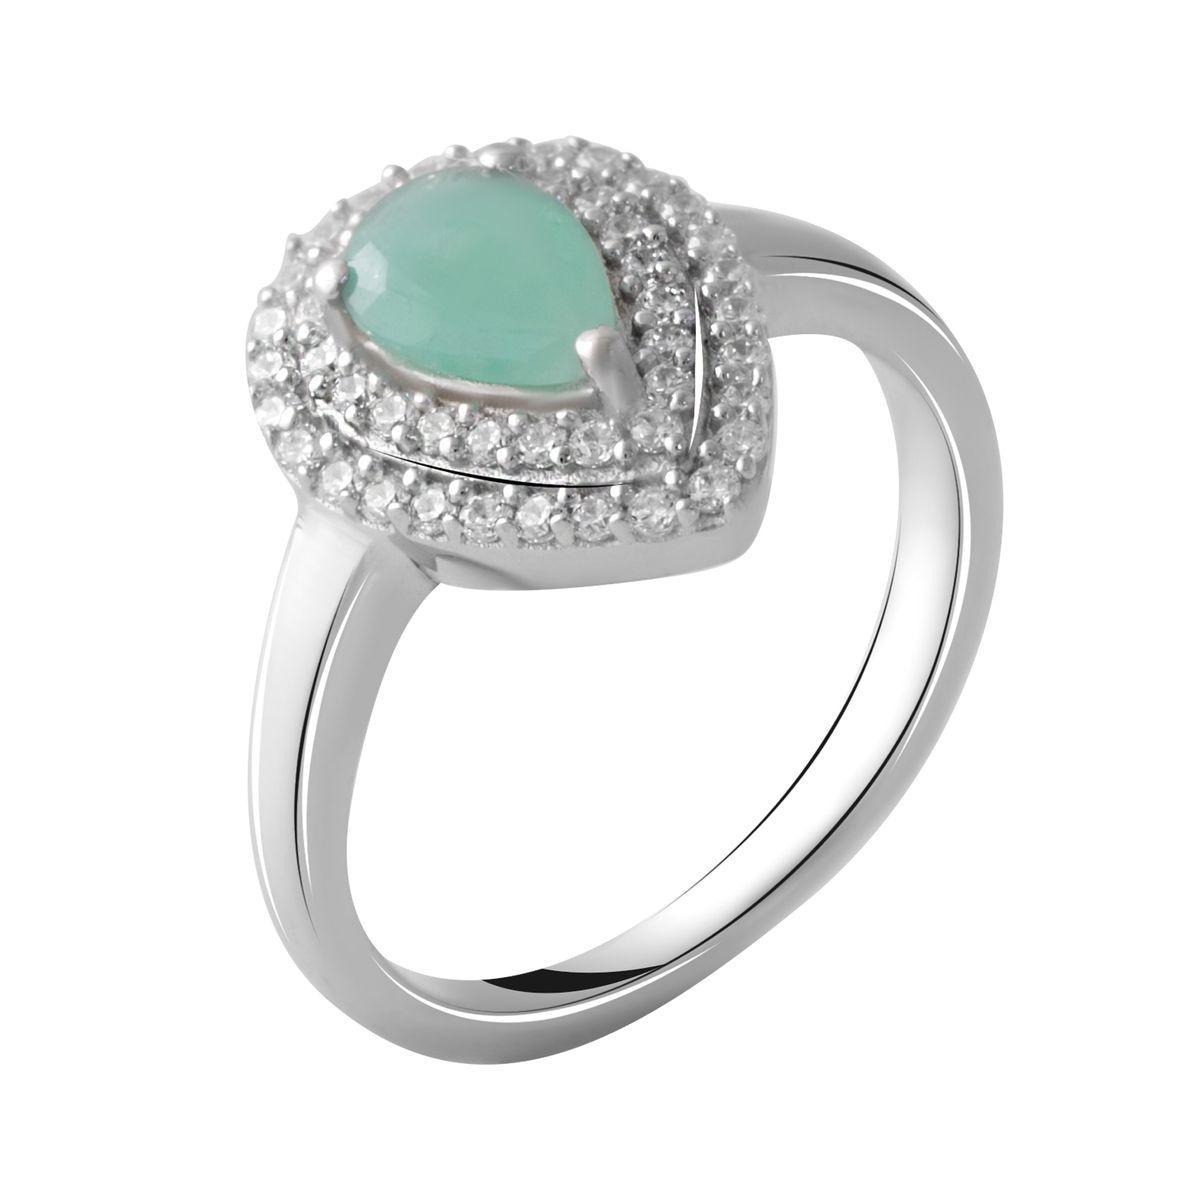 Серебряное кольцо DreamJewelry с натуральным изумрудом 0.52ct (2051480) 18 размер